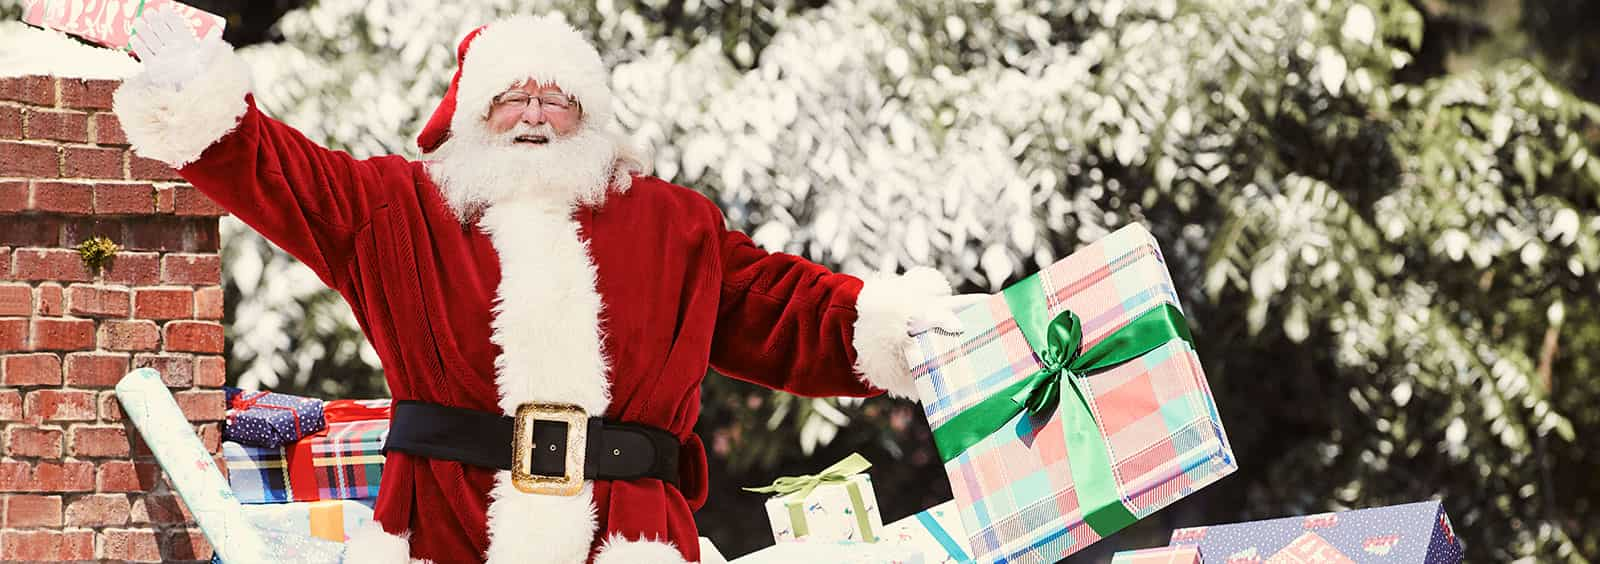 secret santa gift giving